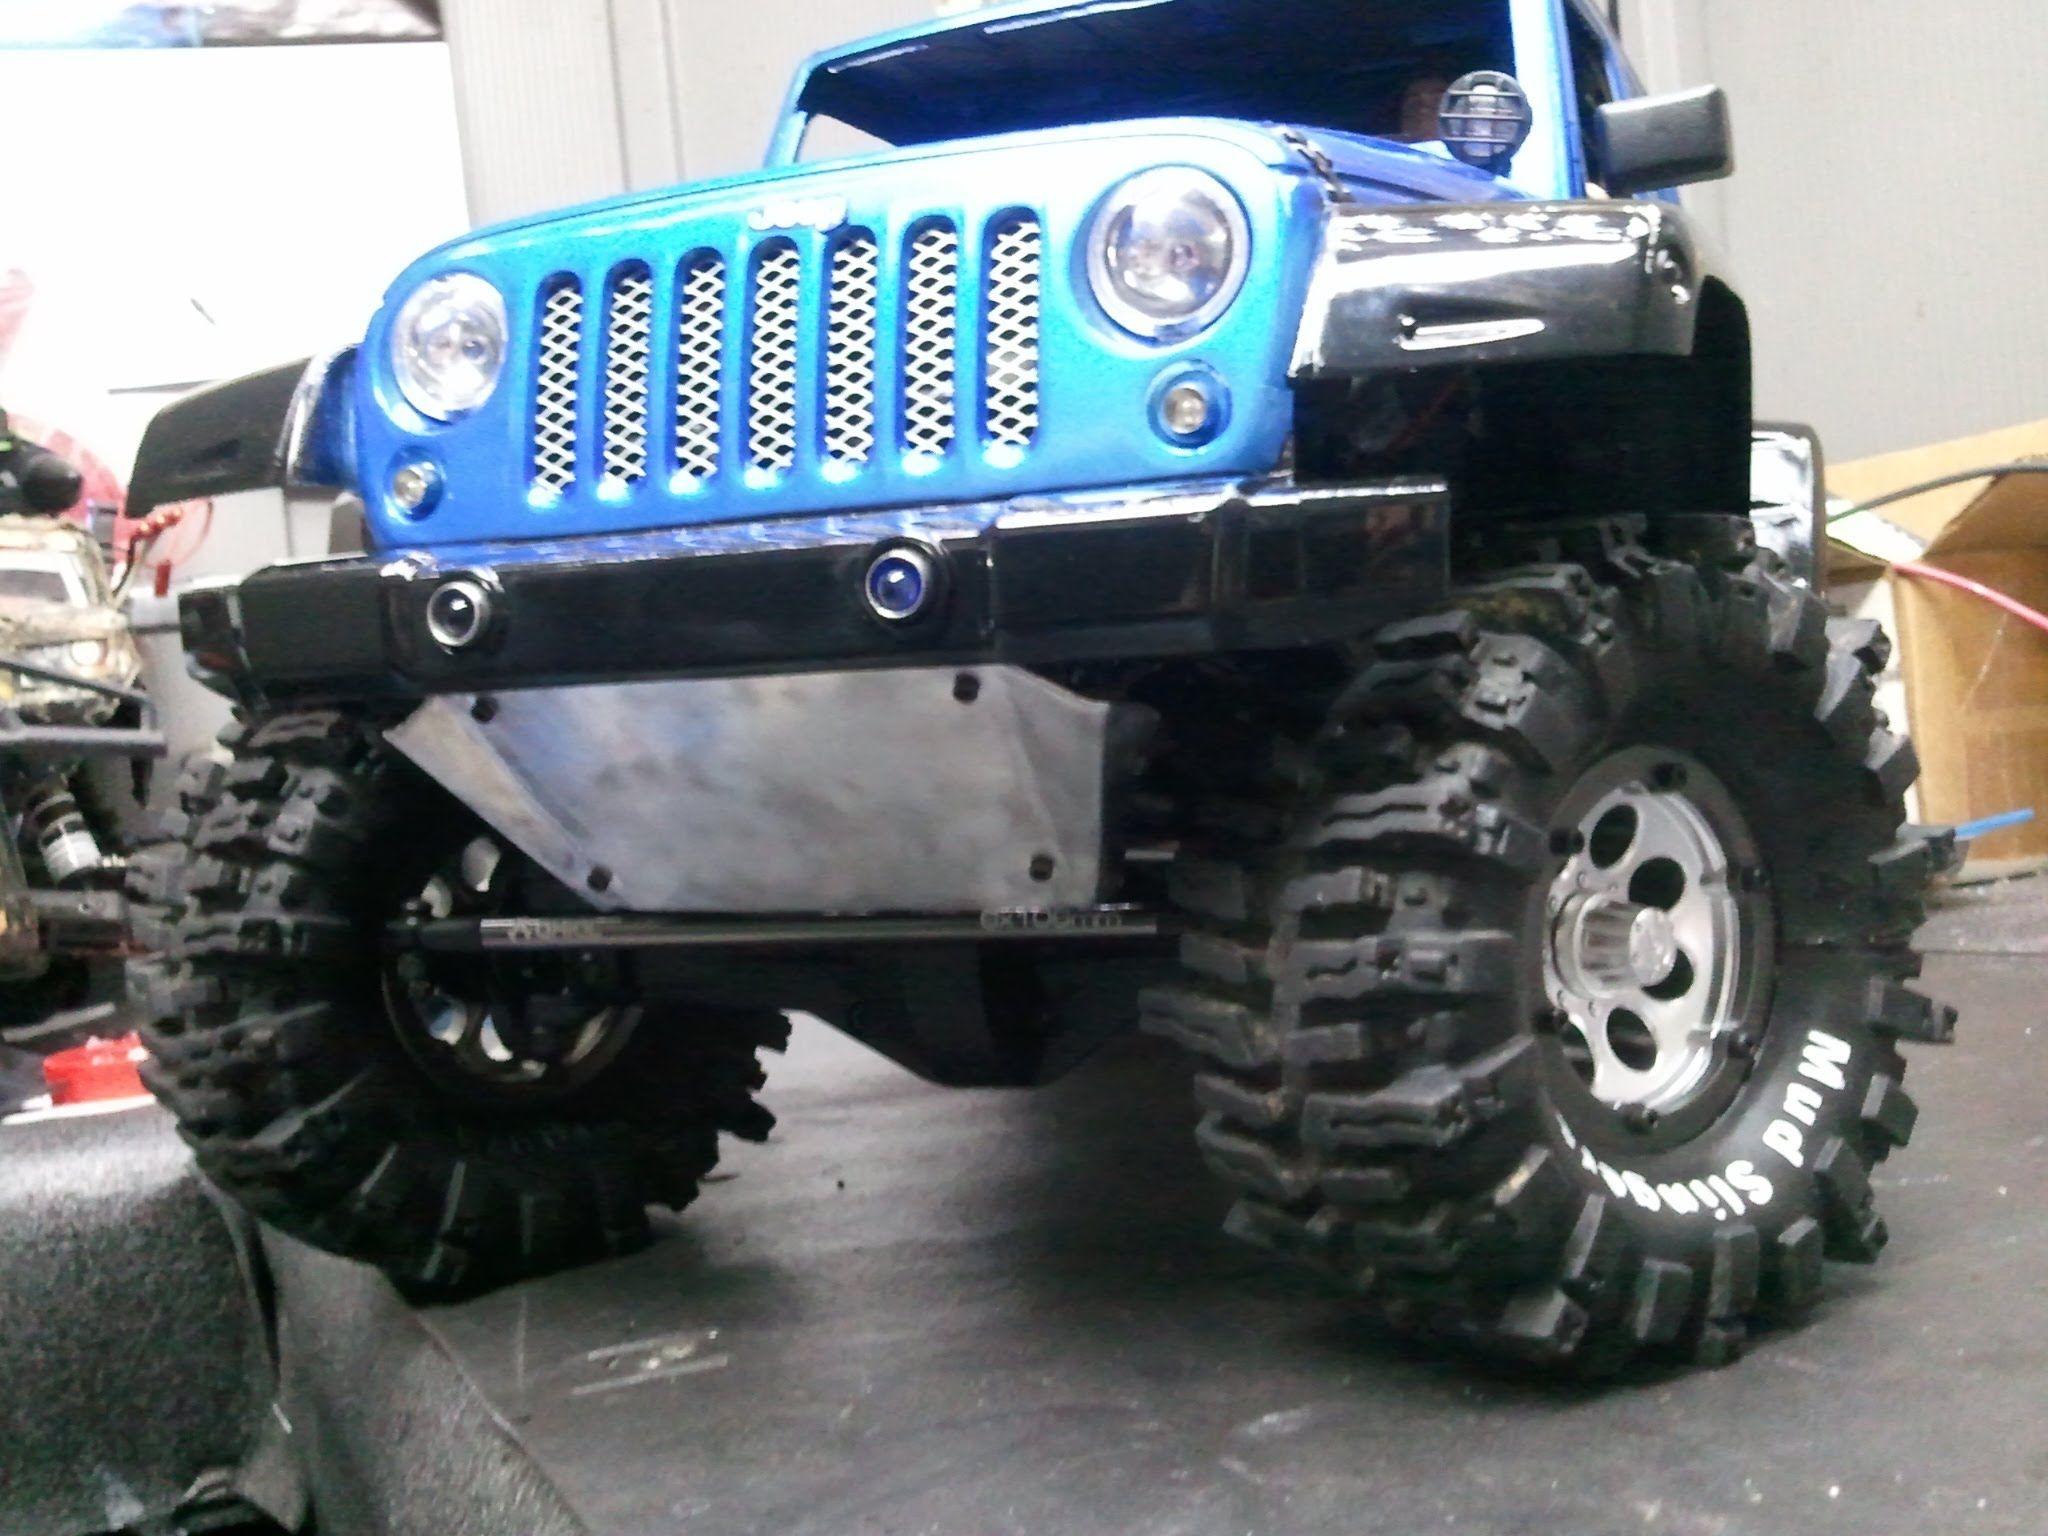 Update Jeep Wrangler JK 4door 4X4 Build Axial SCX10 RC4WD 2 2 mud